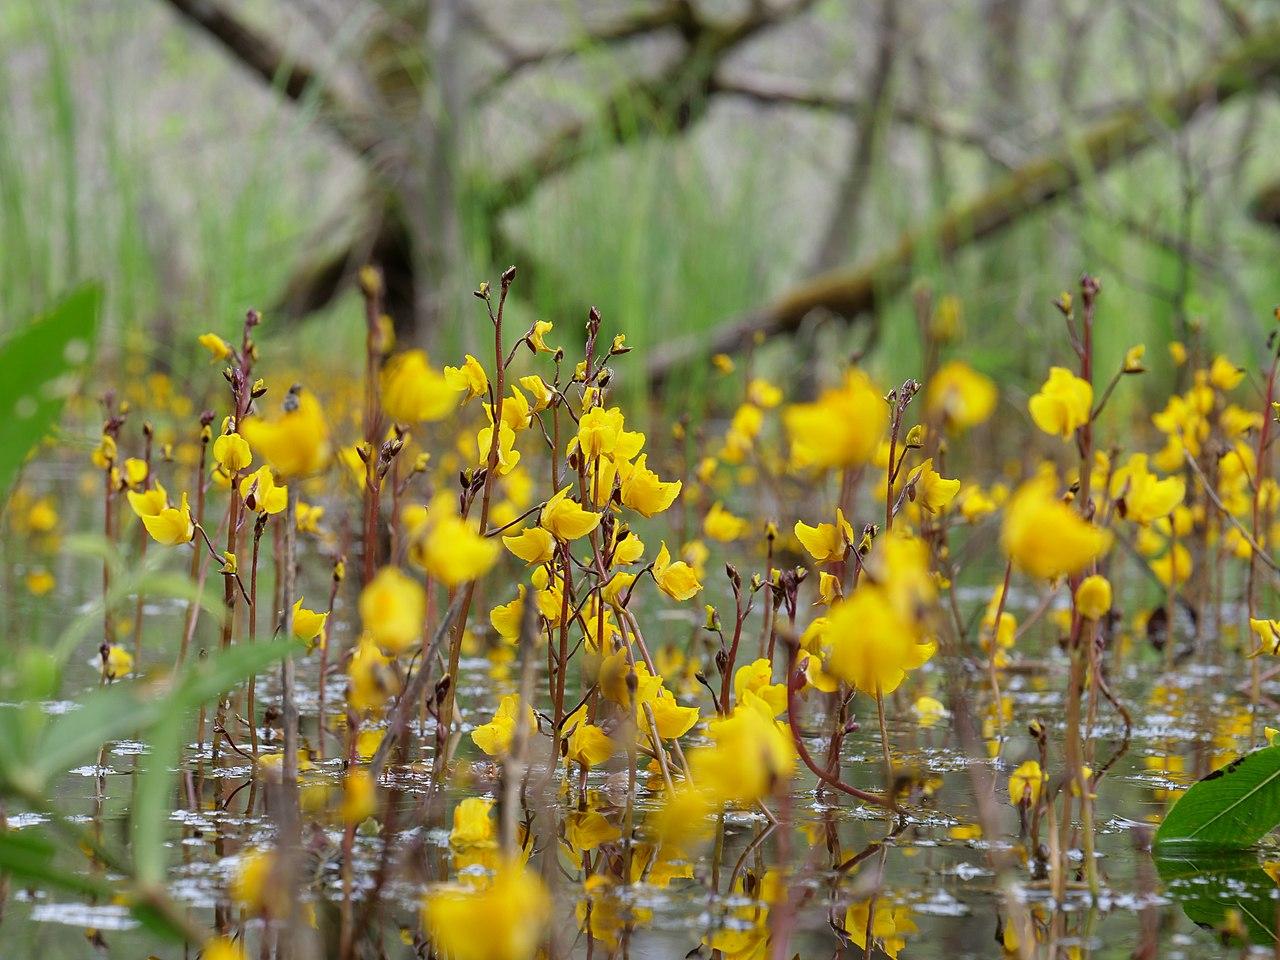 Vista de la Utricularia vulgaris